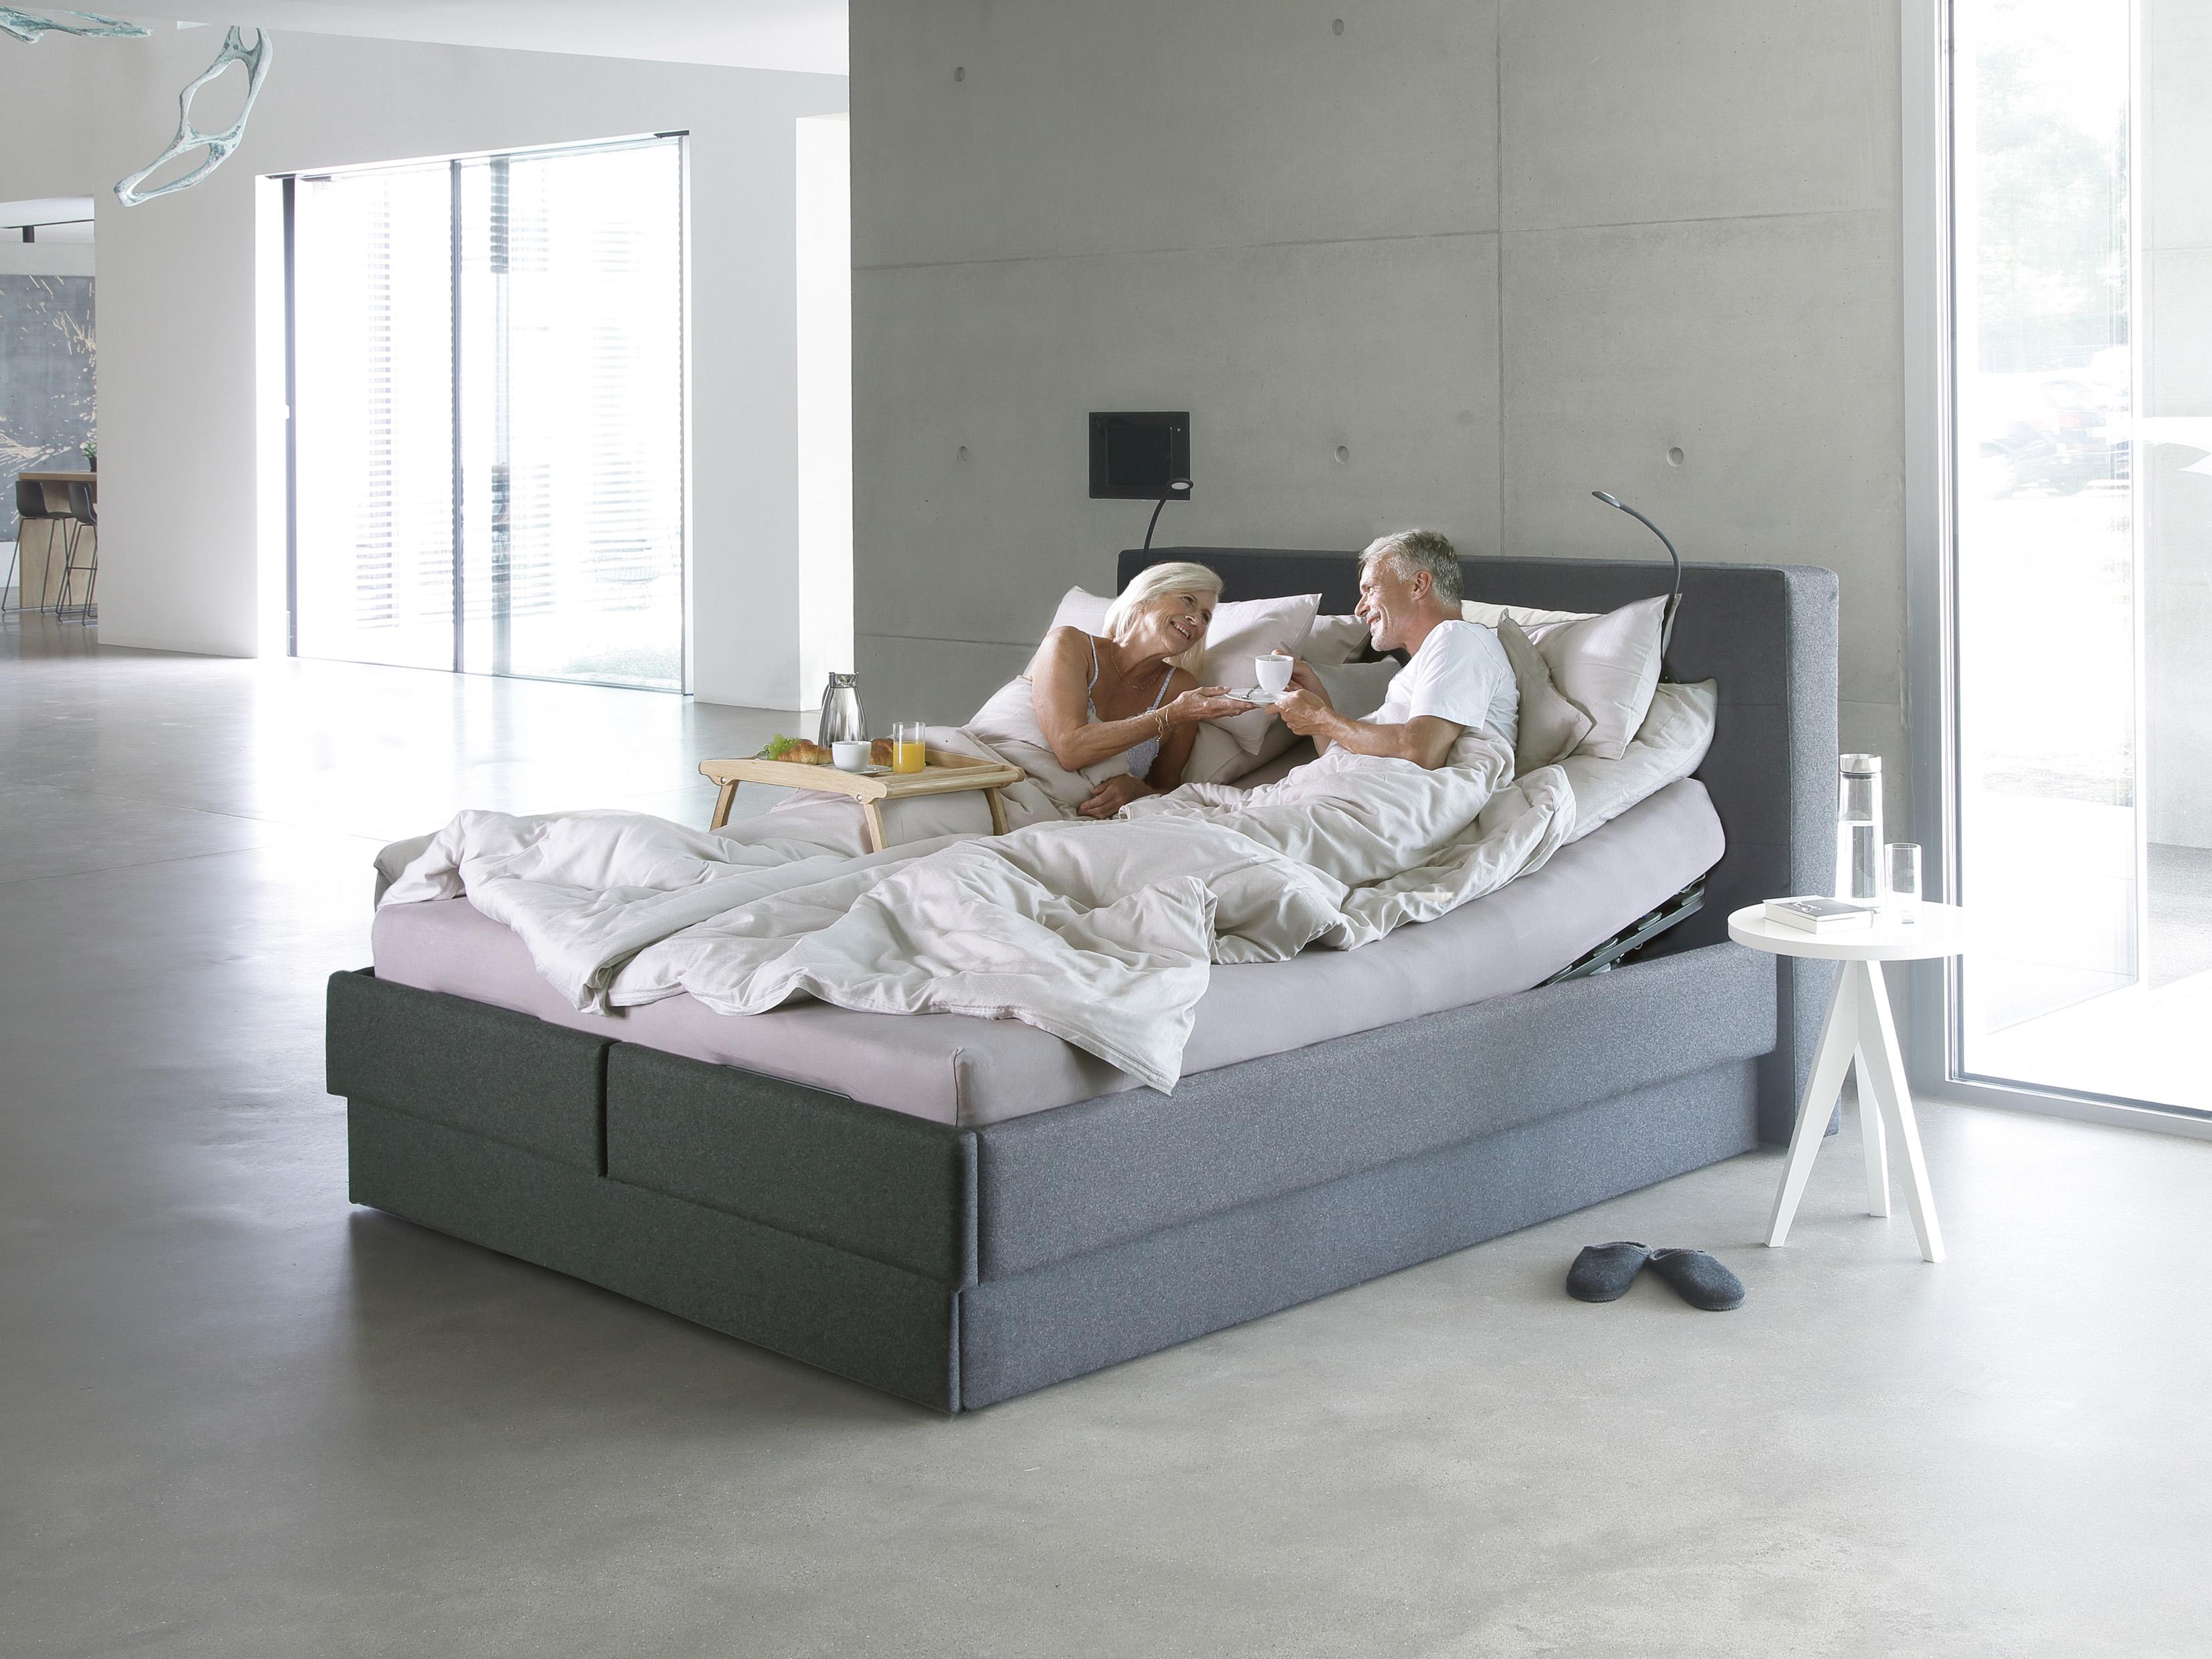 d sseldorf m bel 5822 made house decor. Black Bedroom Furniture Sets. Home Design Ideas